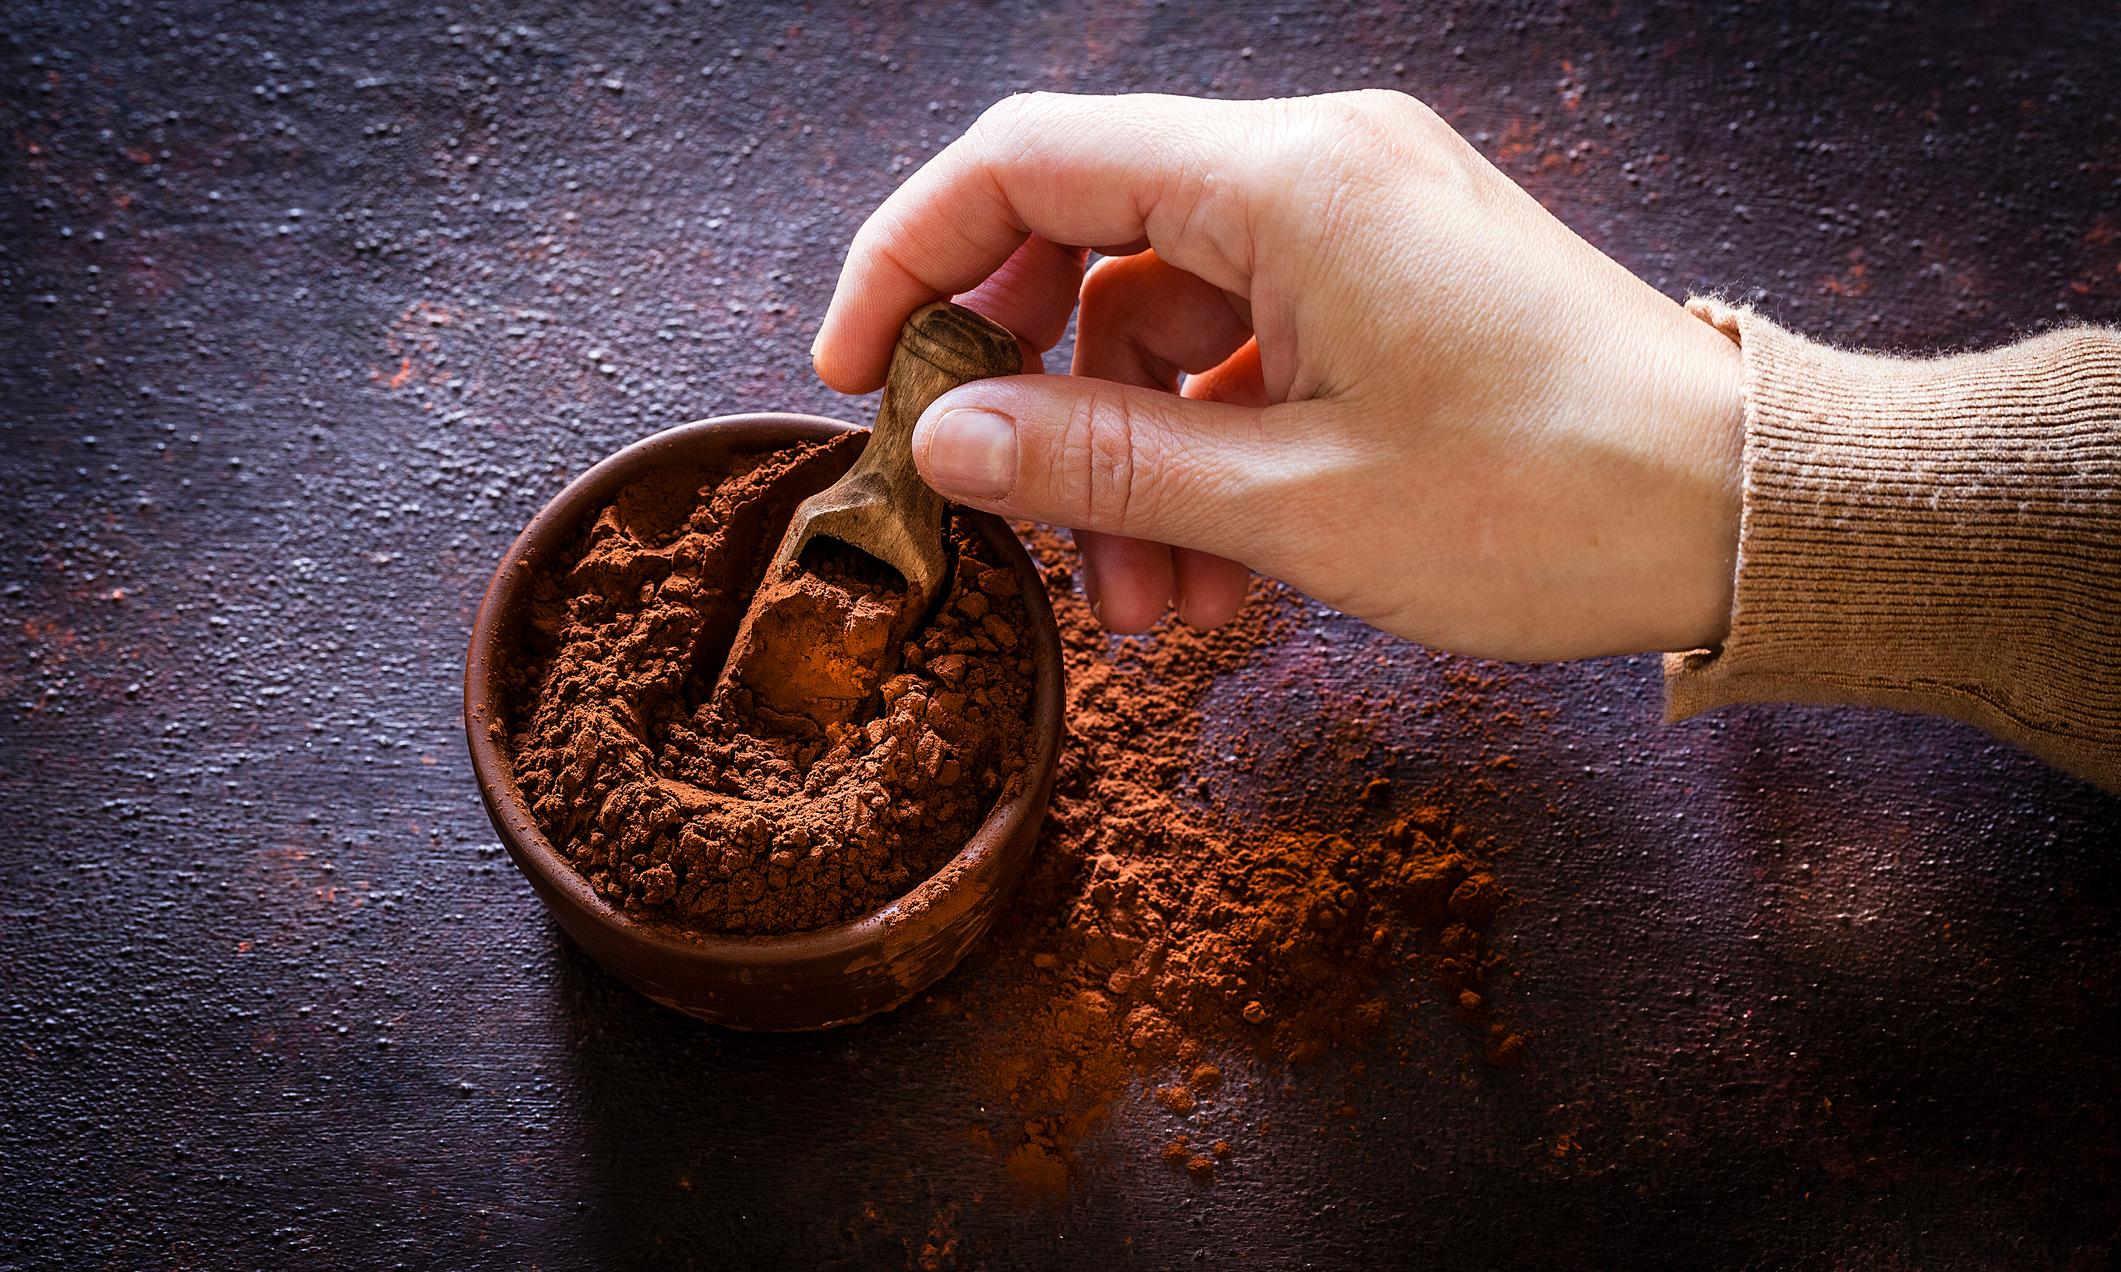 Ученые выяснили, что скорлупа какао спасет от ожирения